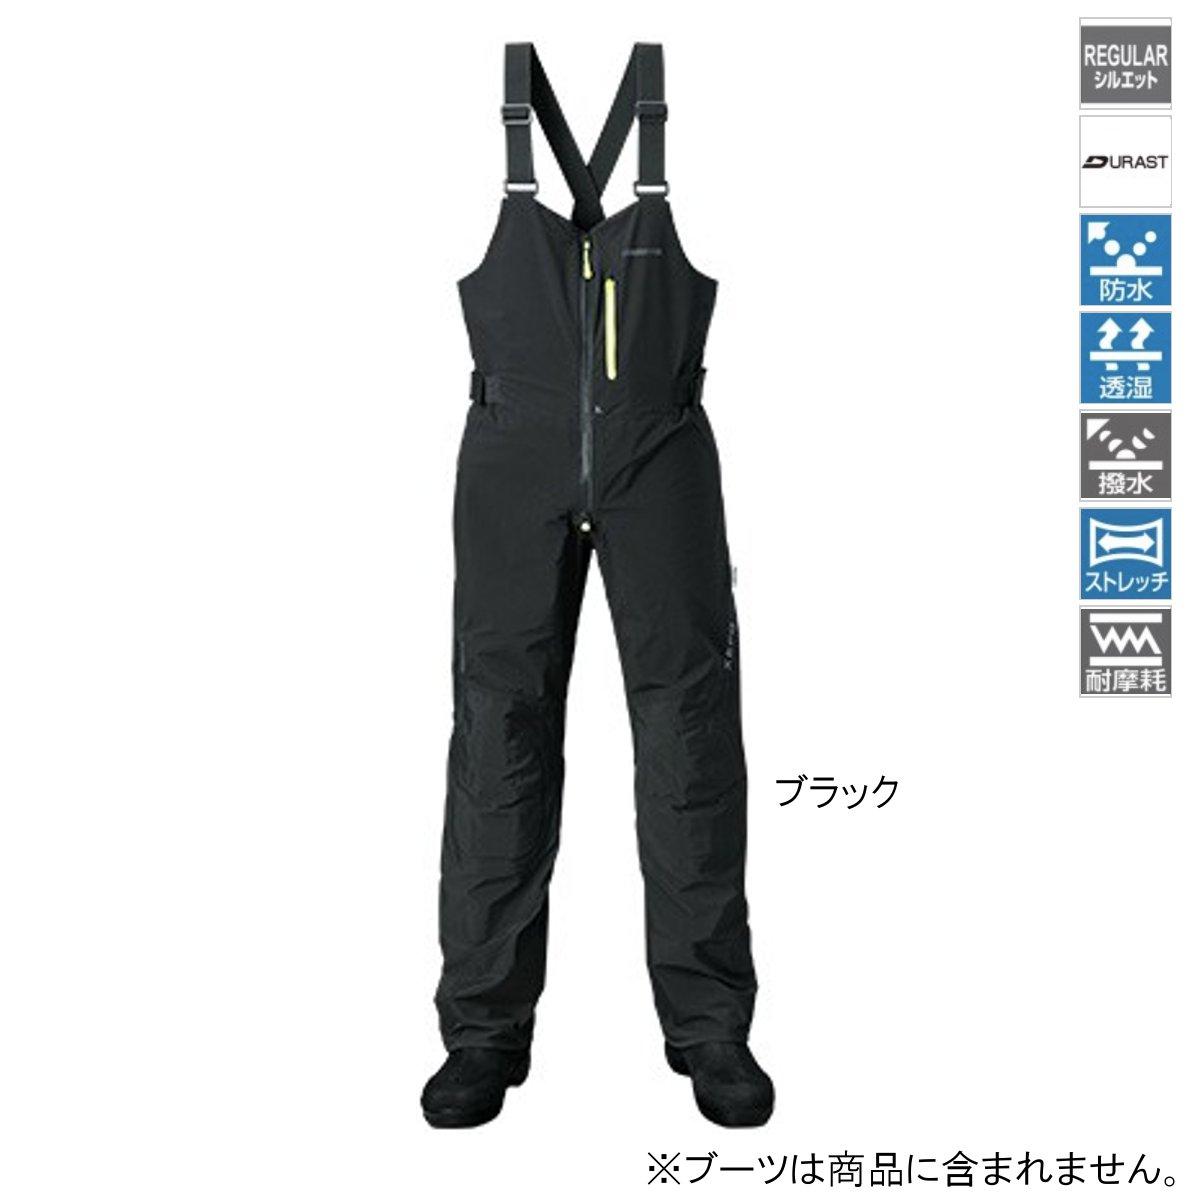 シマノ XEFO・DURASTレインビブ RA-26PS M ブラック【送料無料】